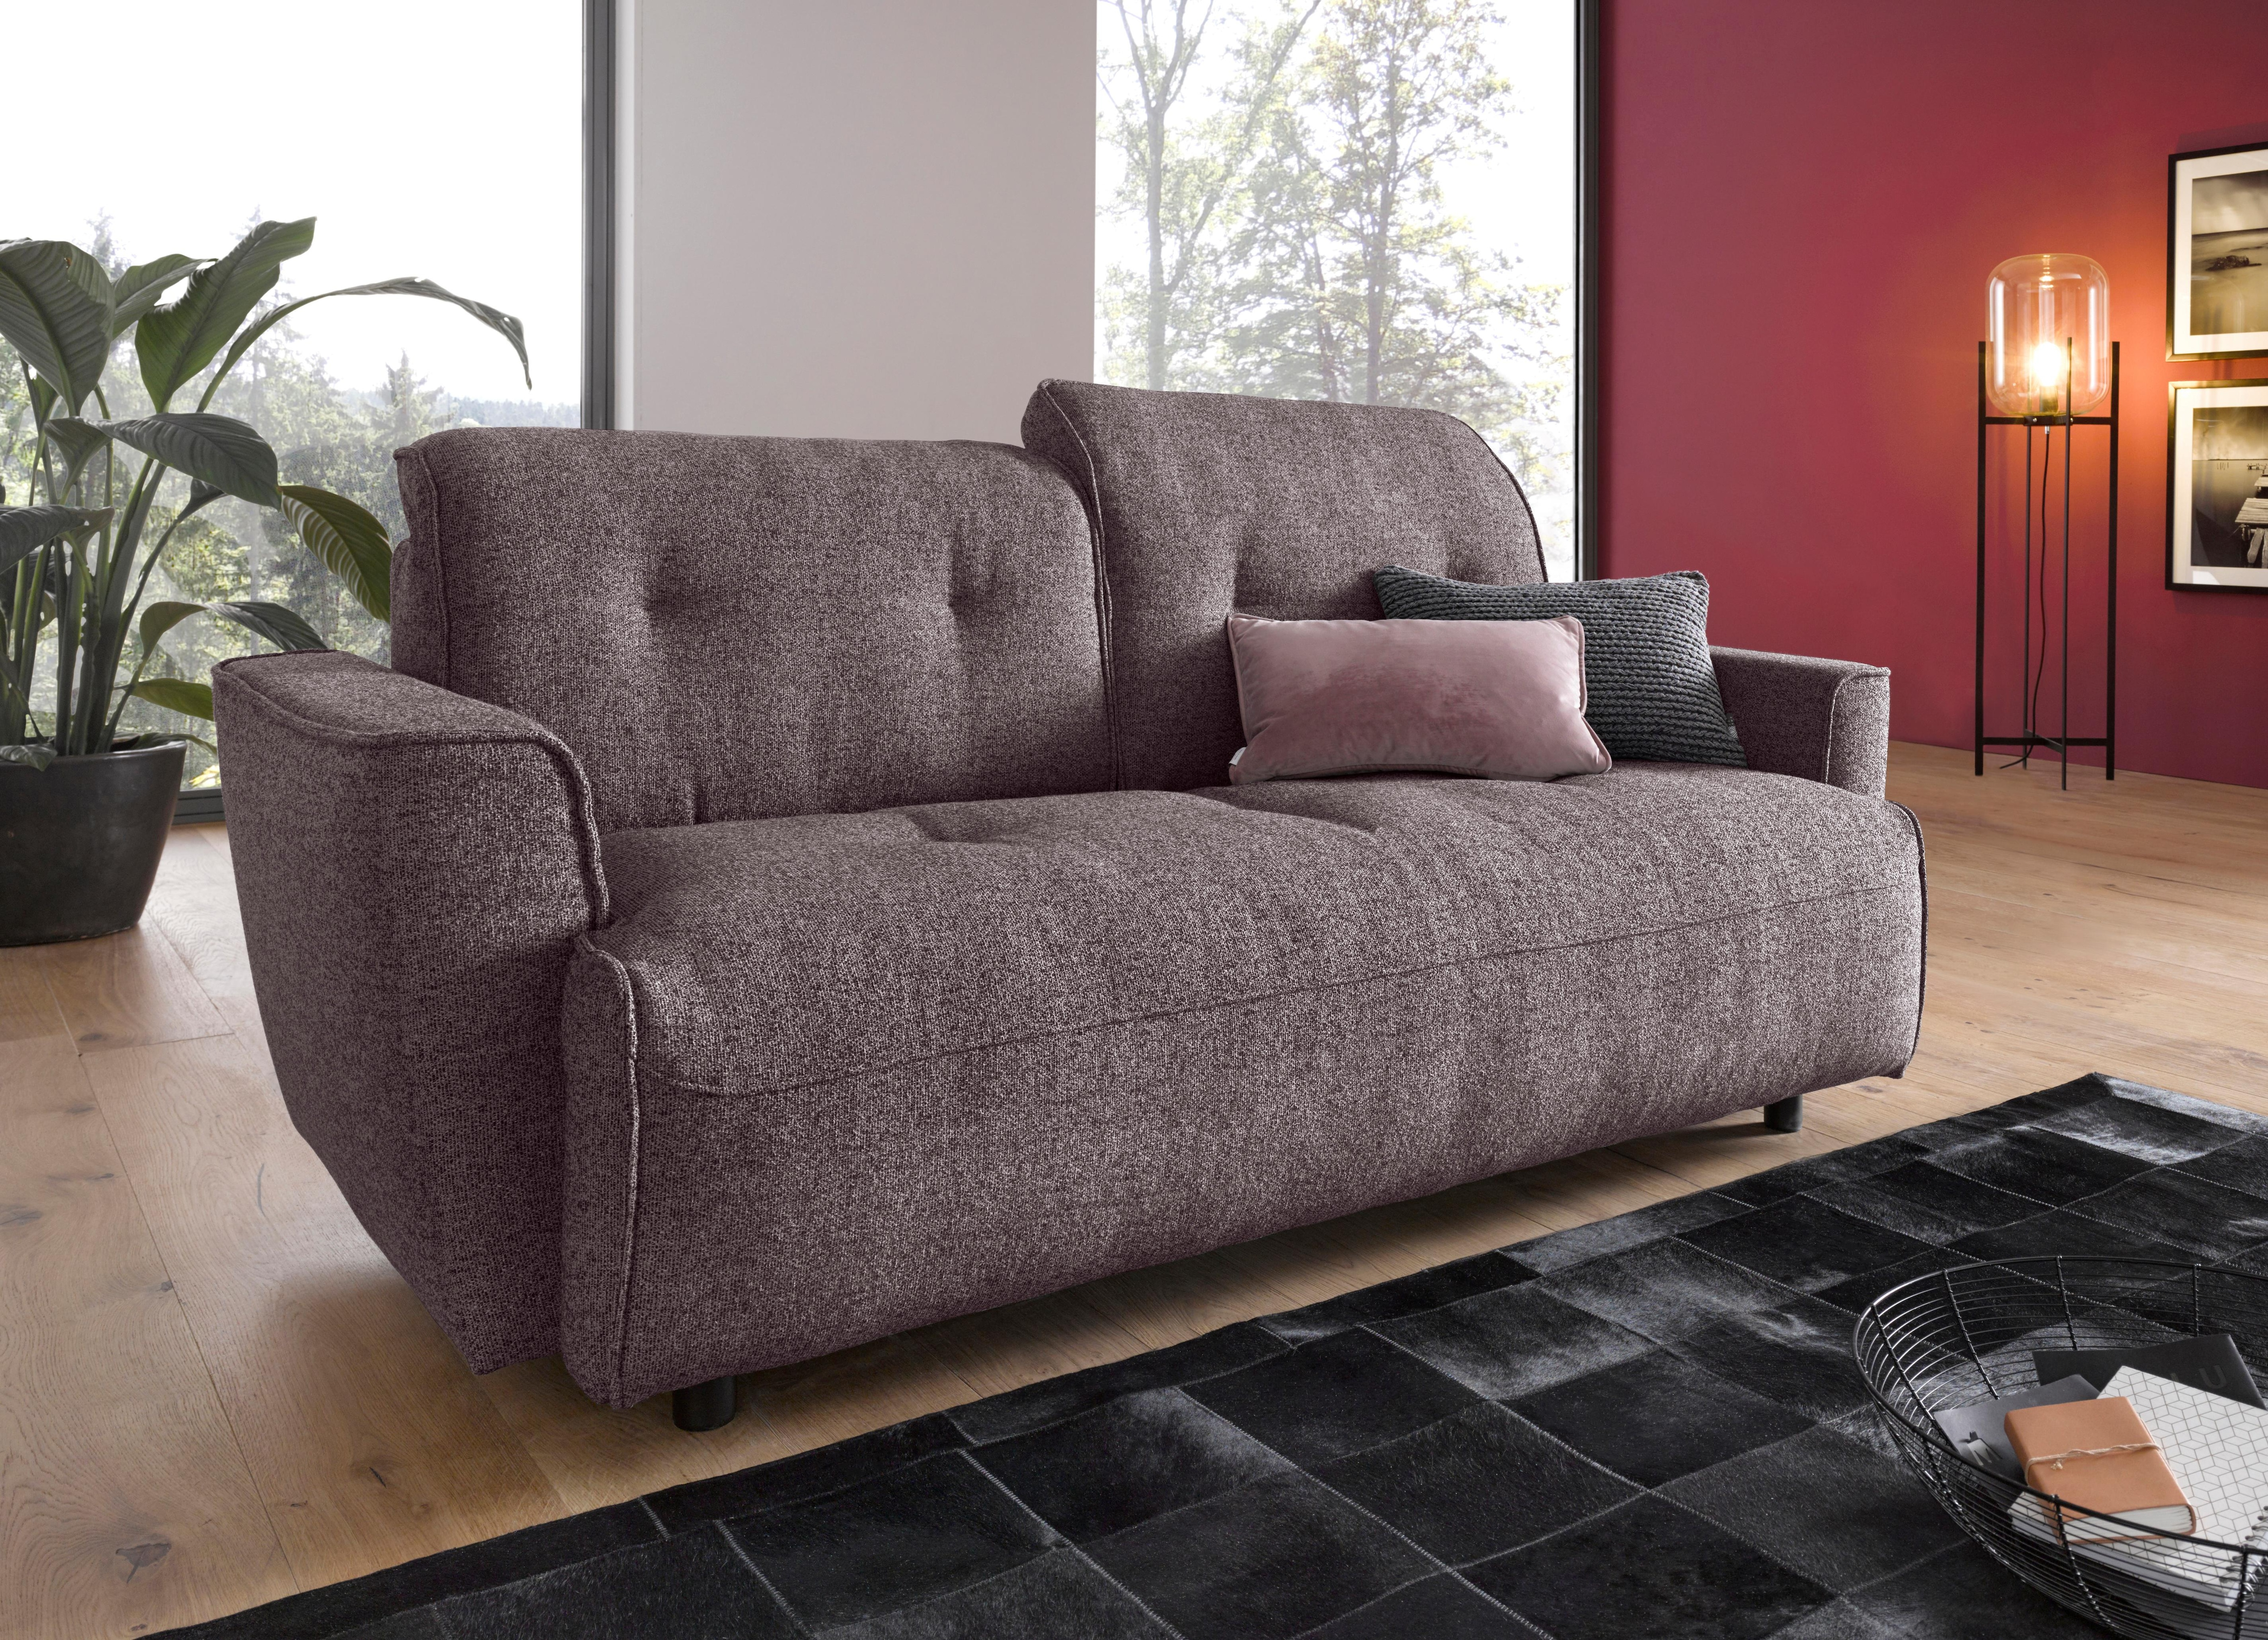 hülsta sofa 25-Sitzer hs400